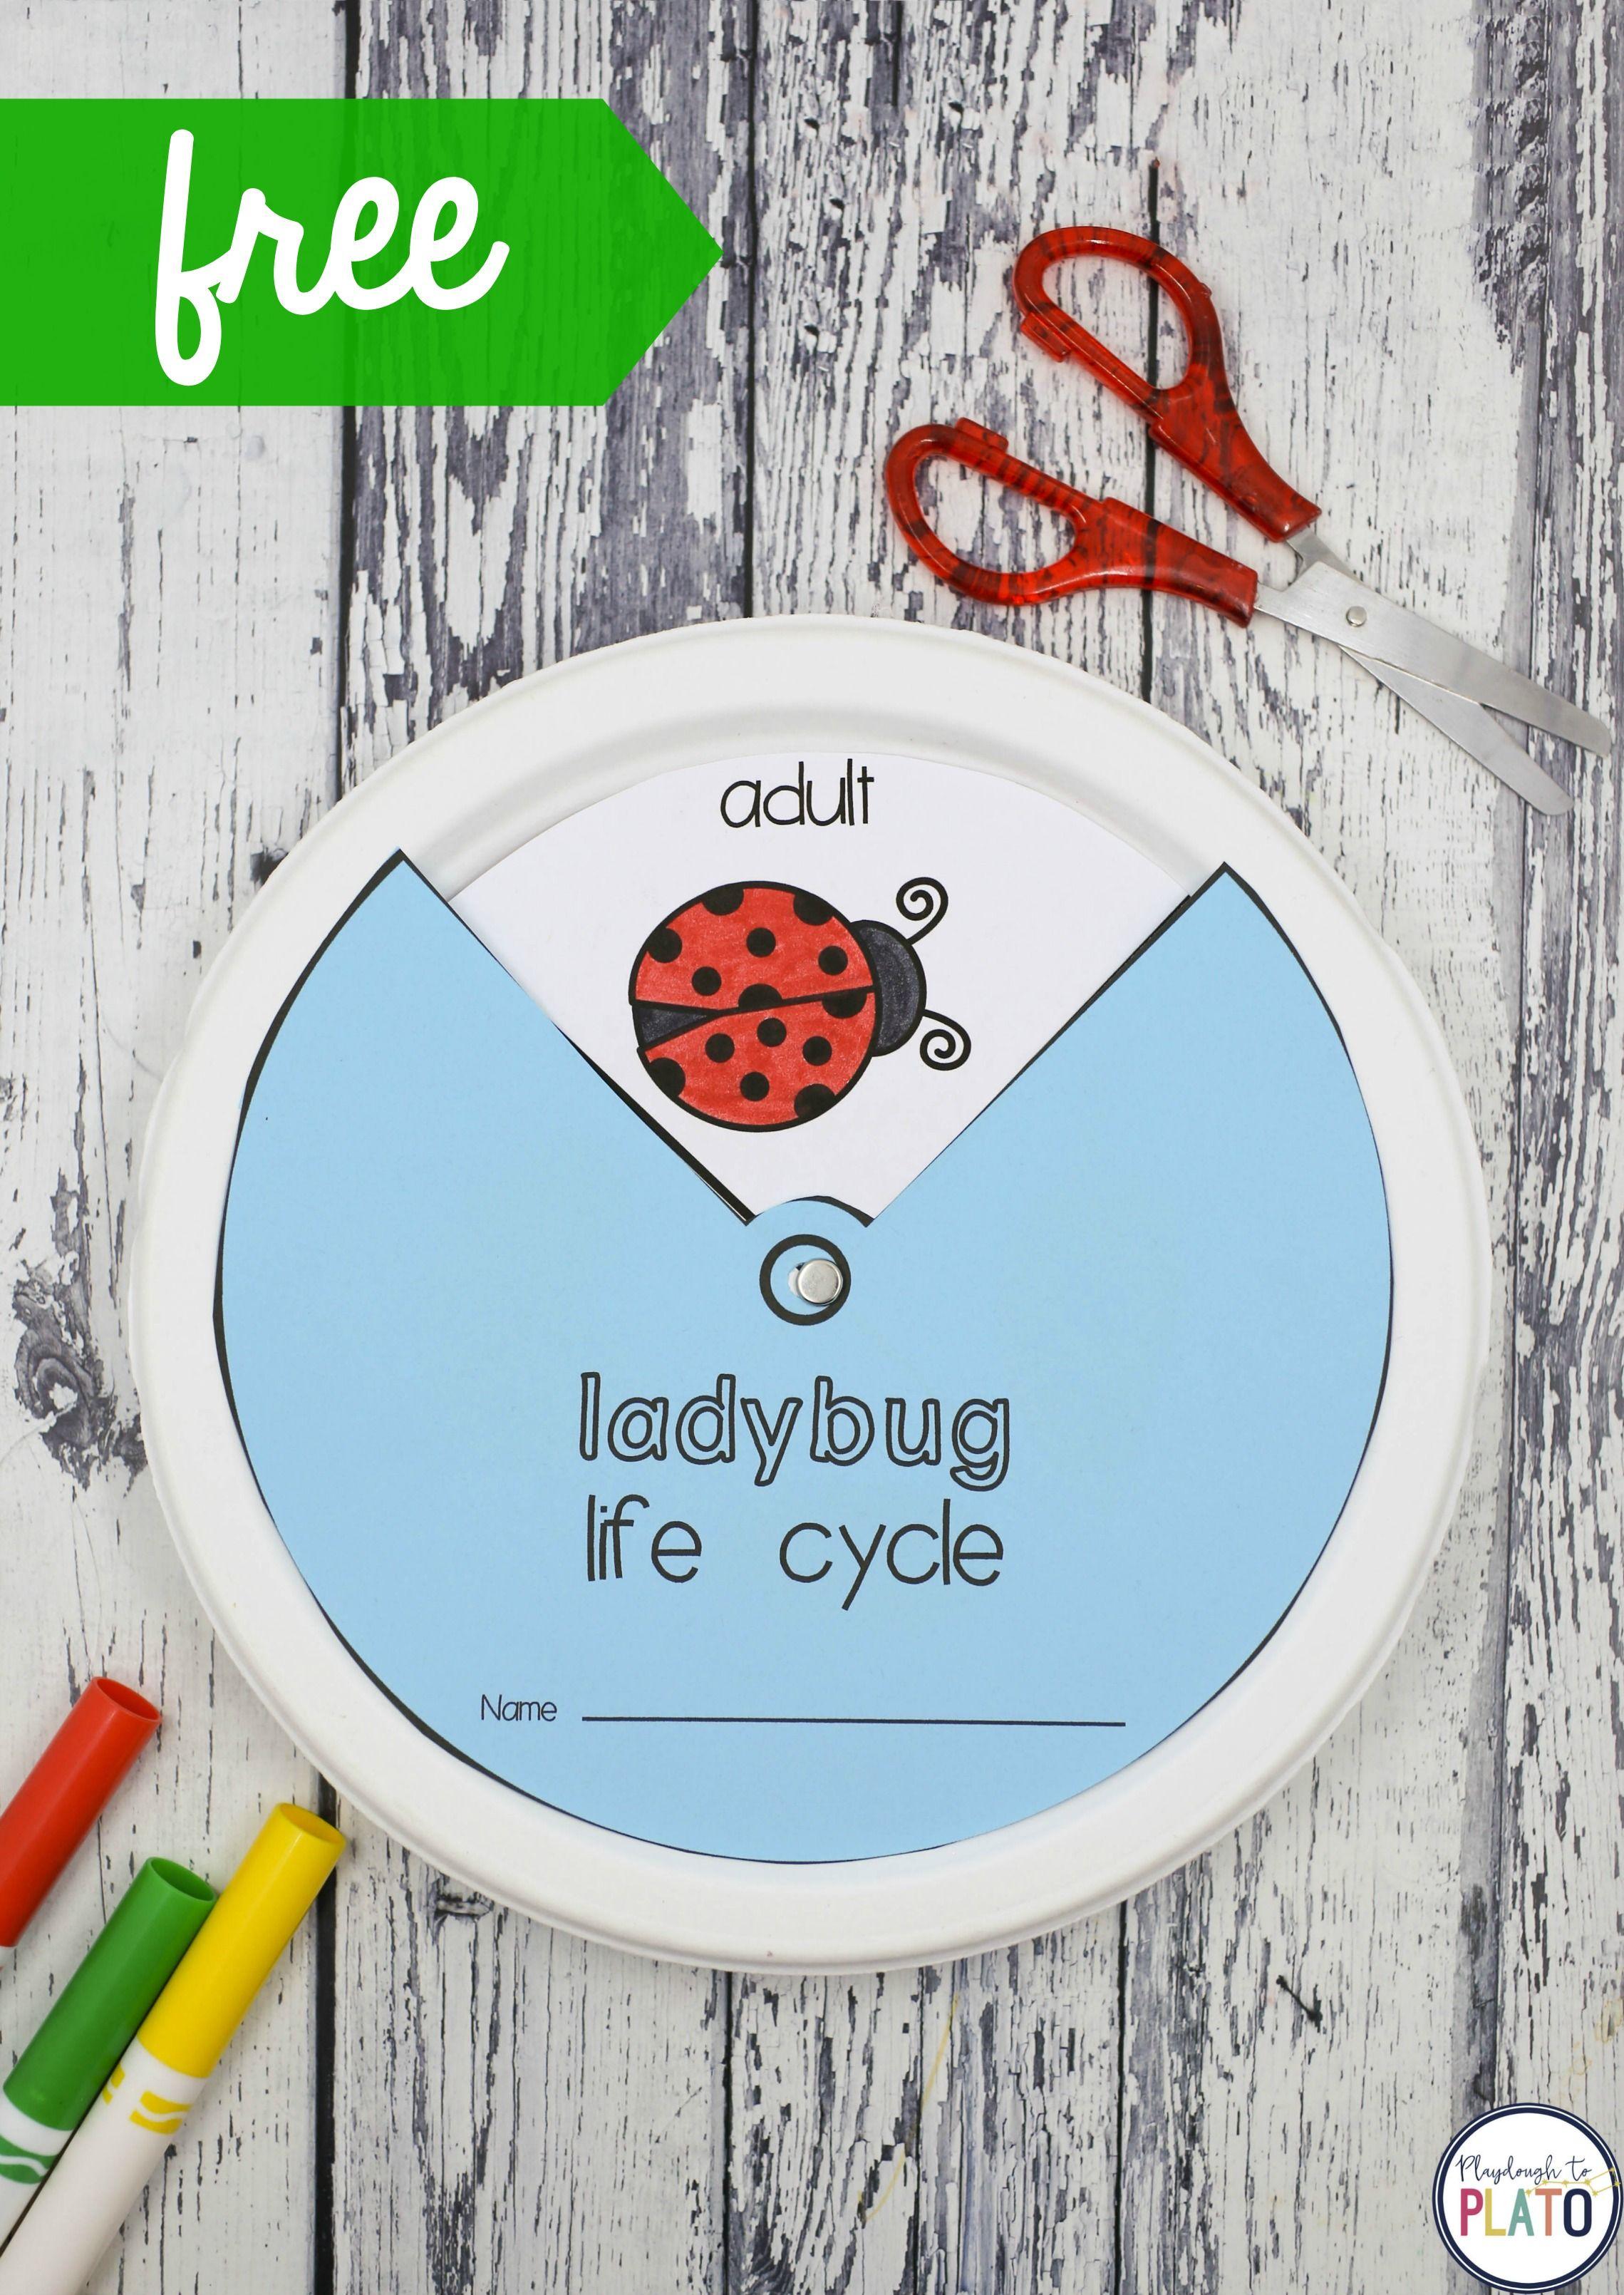 Ladybug Life Cycle Wheel